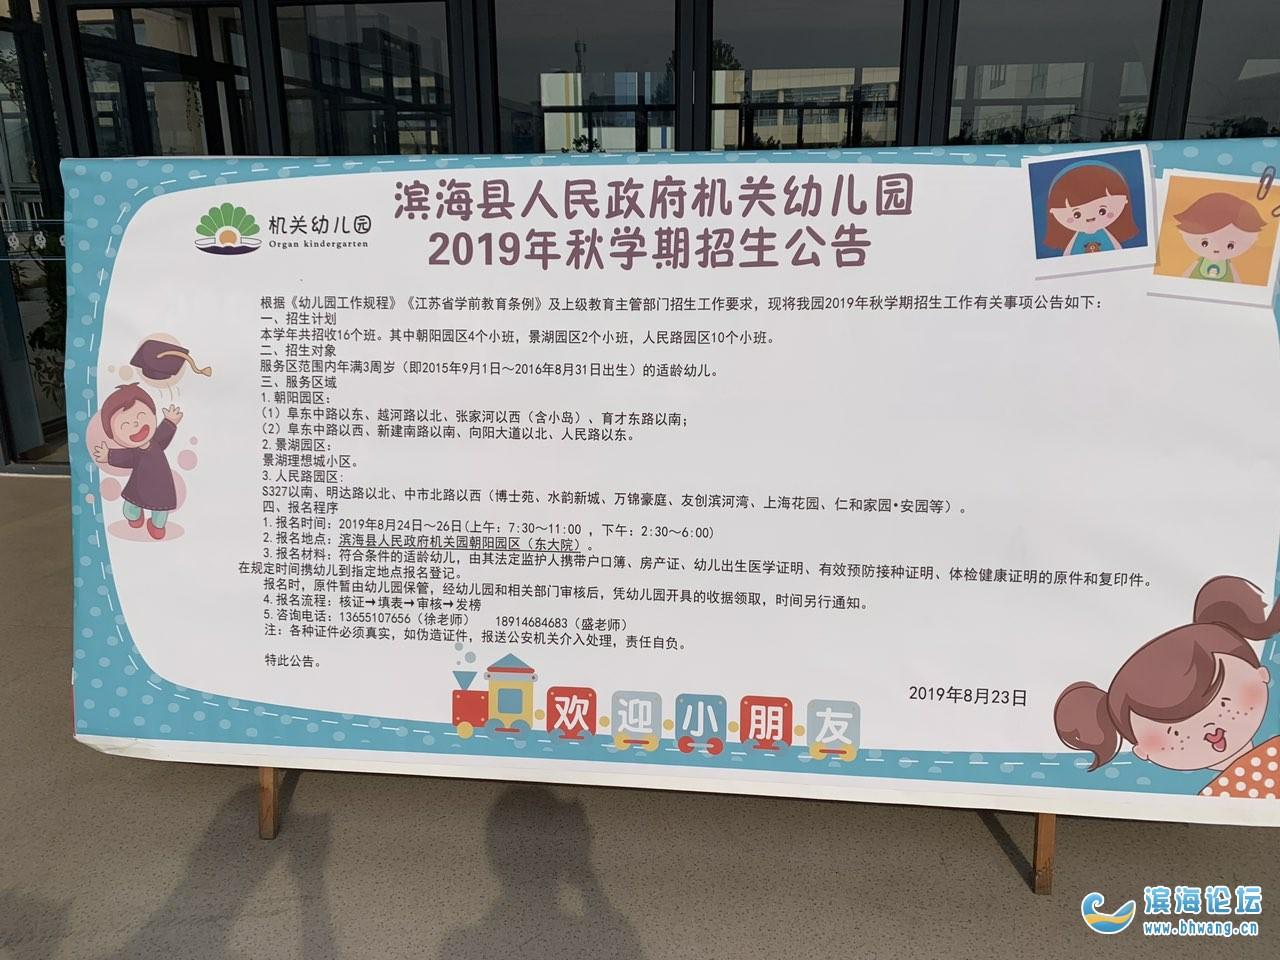 人民路幼儿园报名时间如下